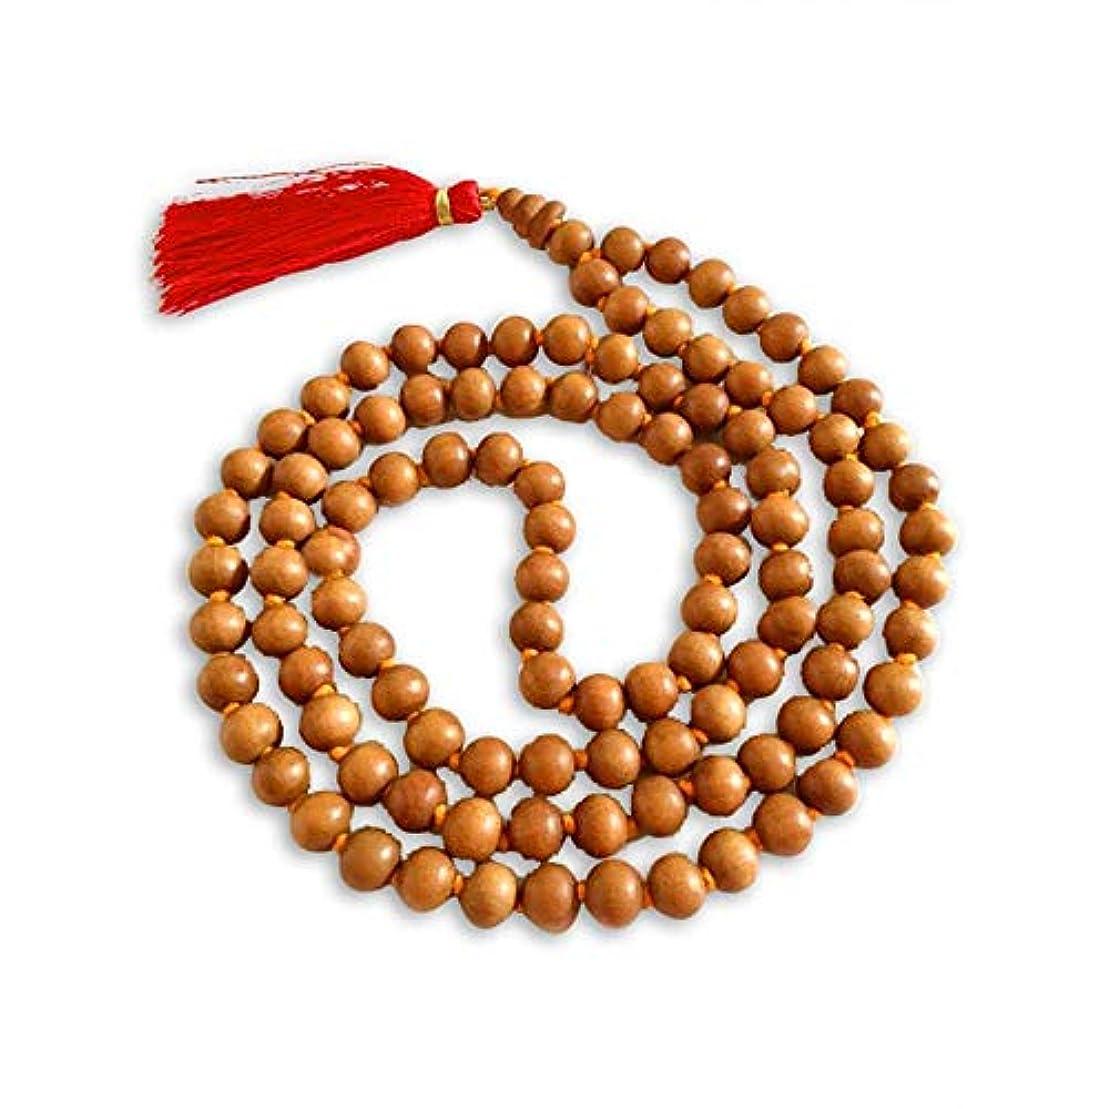 鳴り響く全部質量Aadit Crreationサンダルウッドの香り付きジャップマーラ 108+1 瞑想用ビーズ.